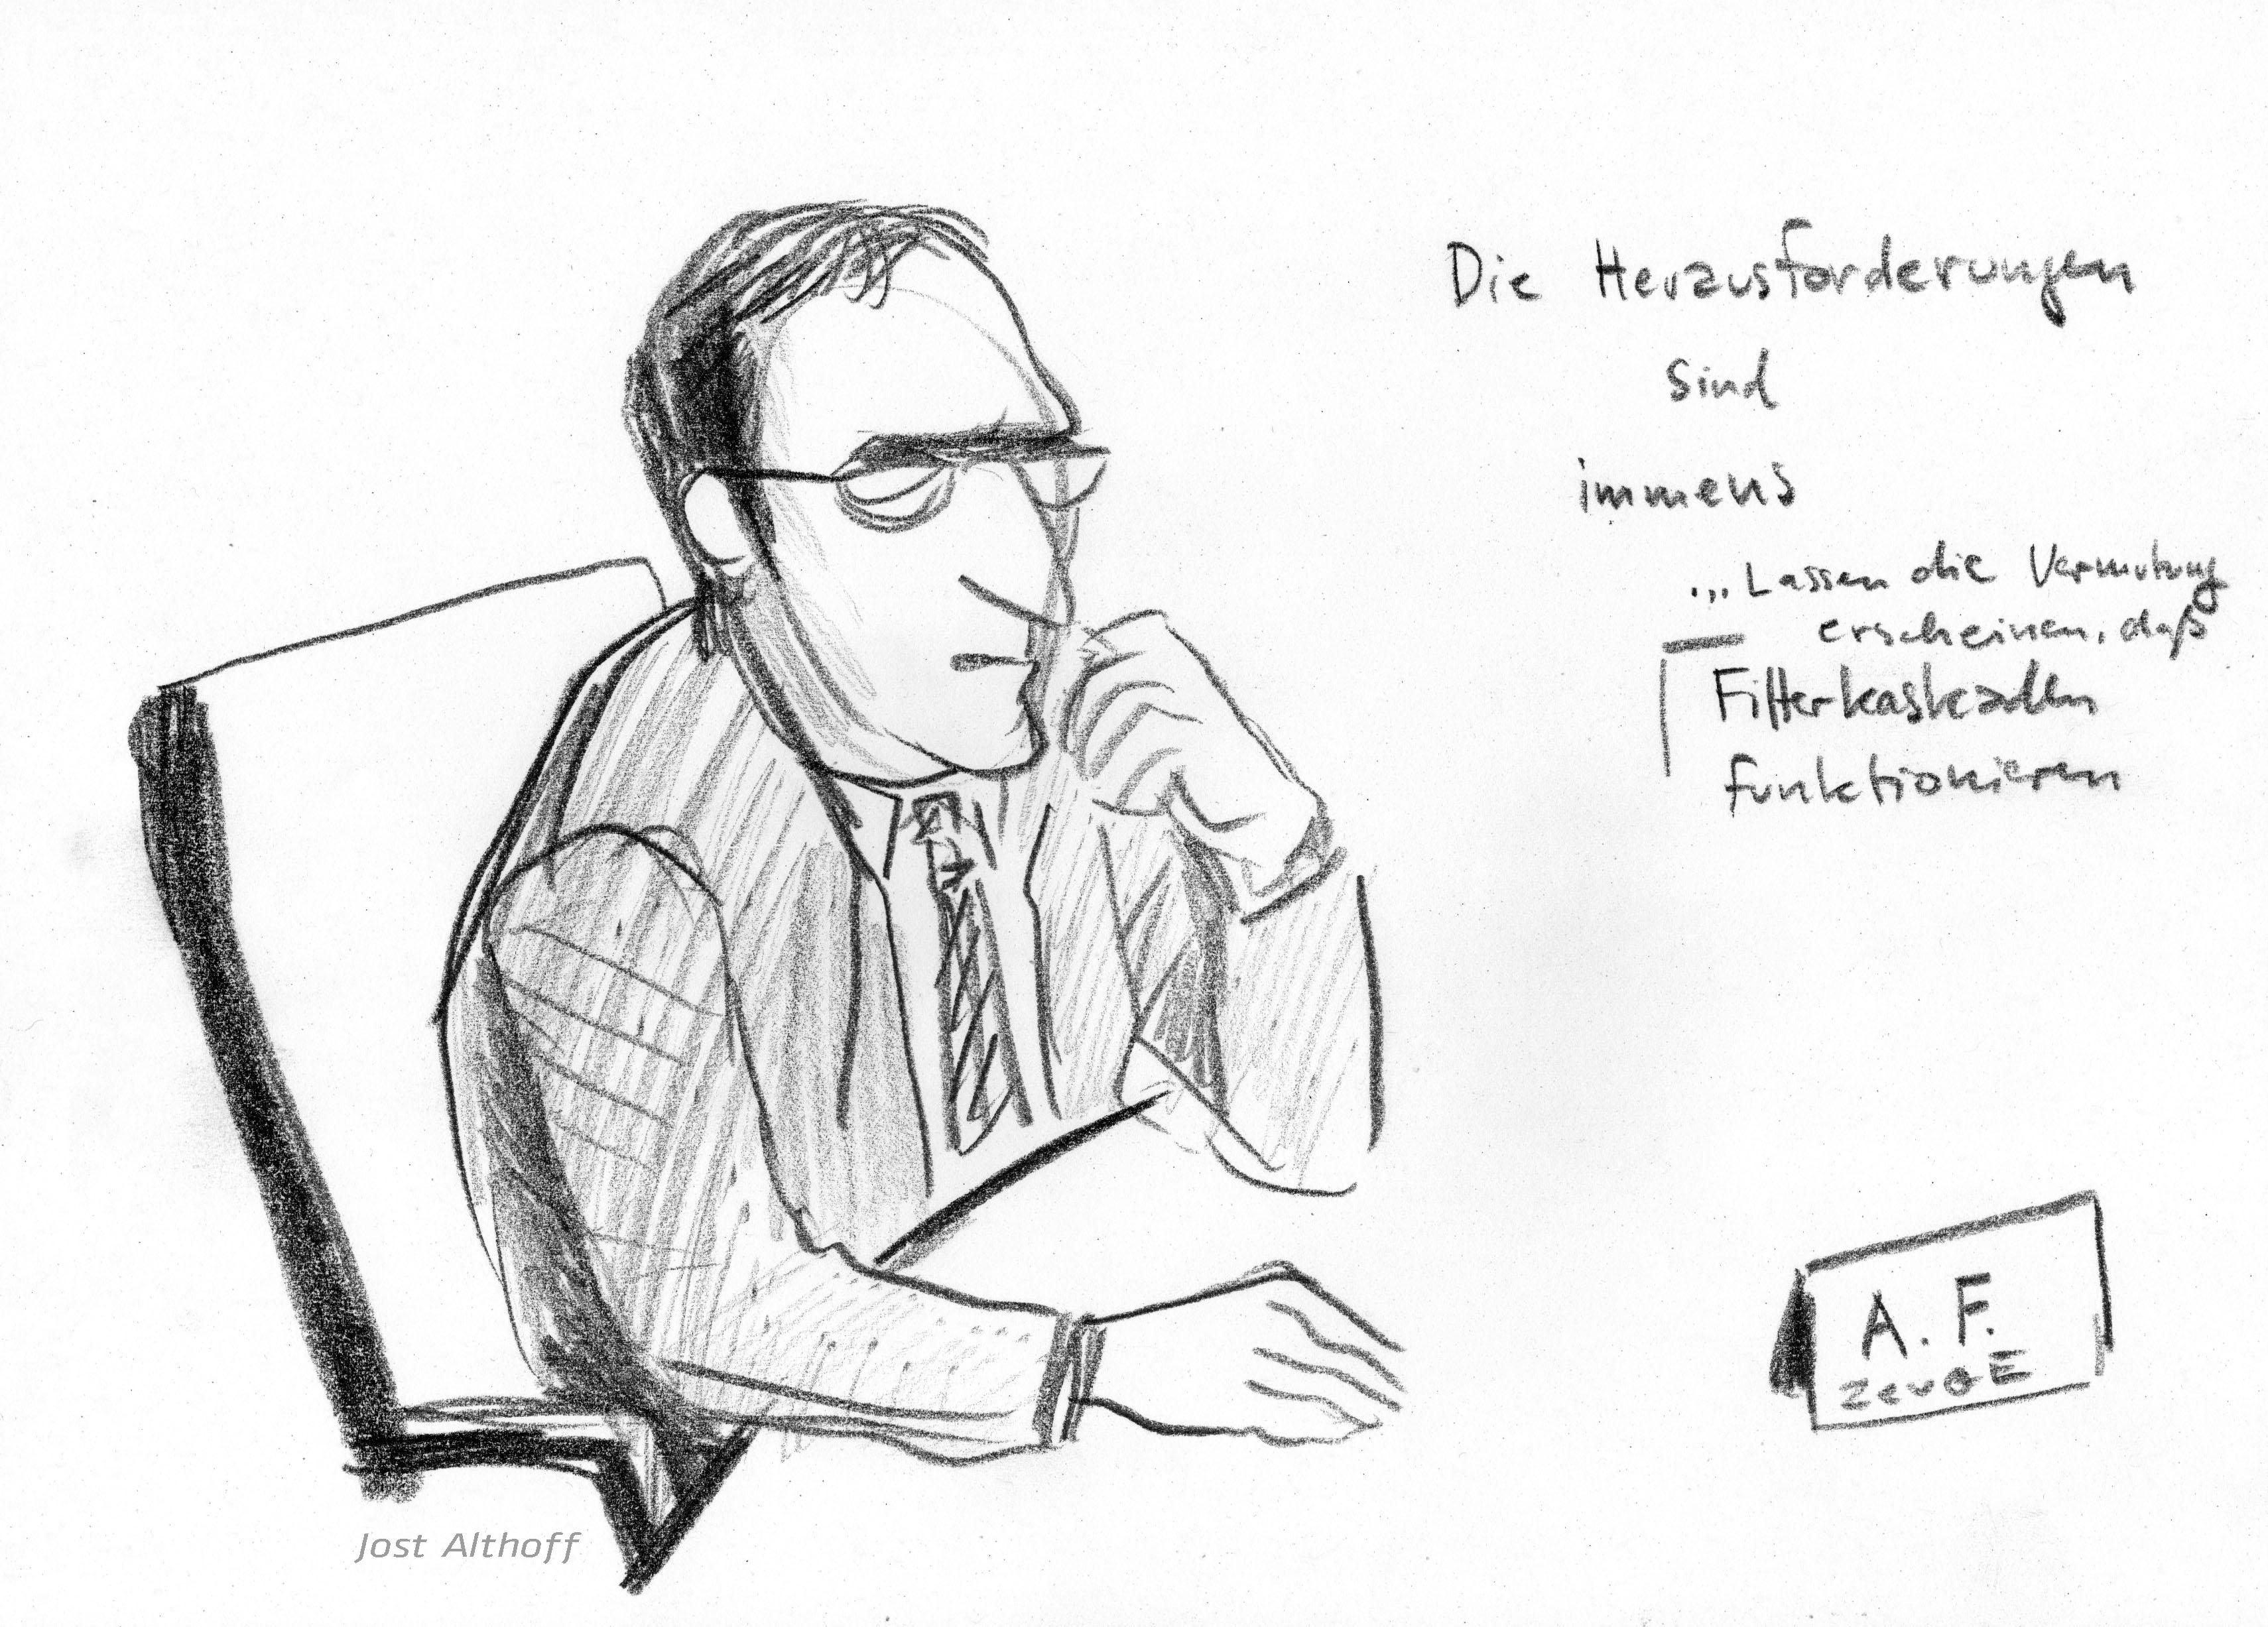 """Zeuge """"A. F."""" bei seiner Aussage. Zeichnung: Jost Althoff."""